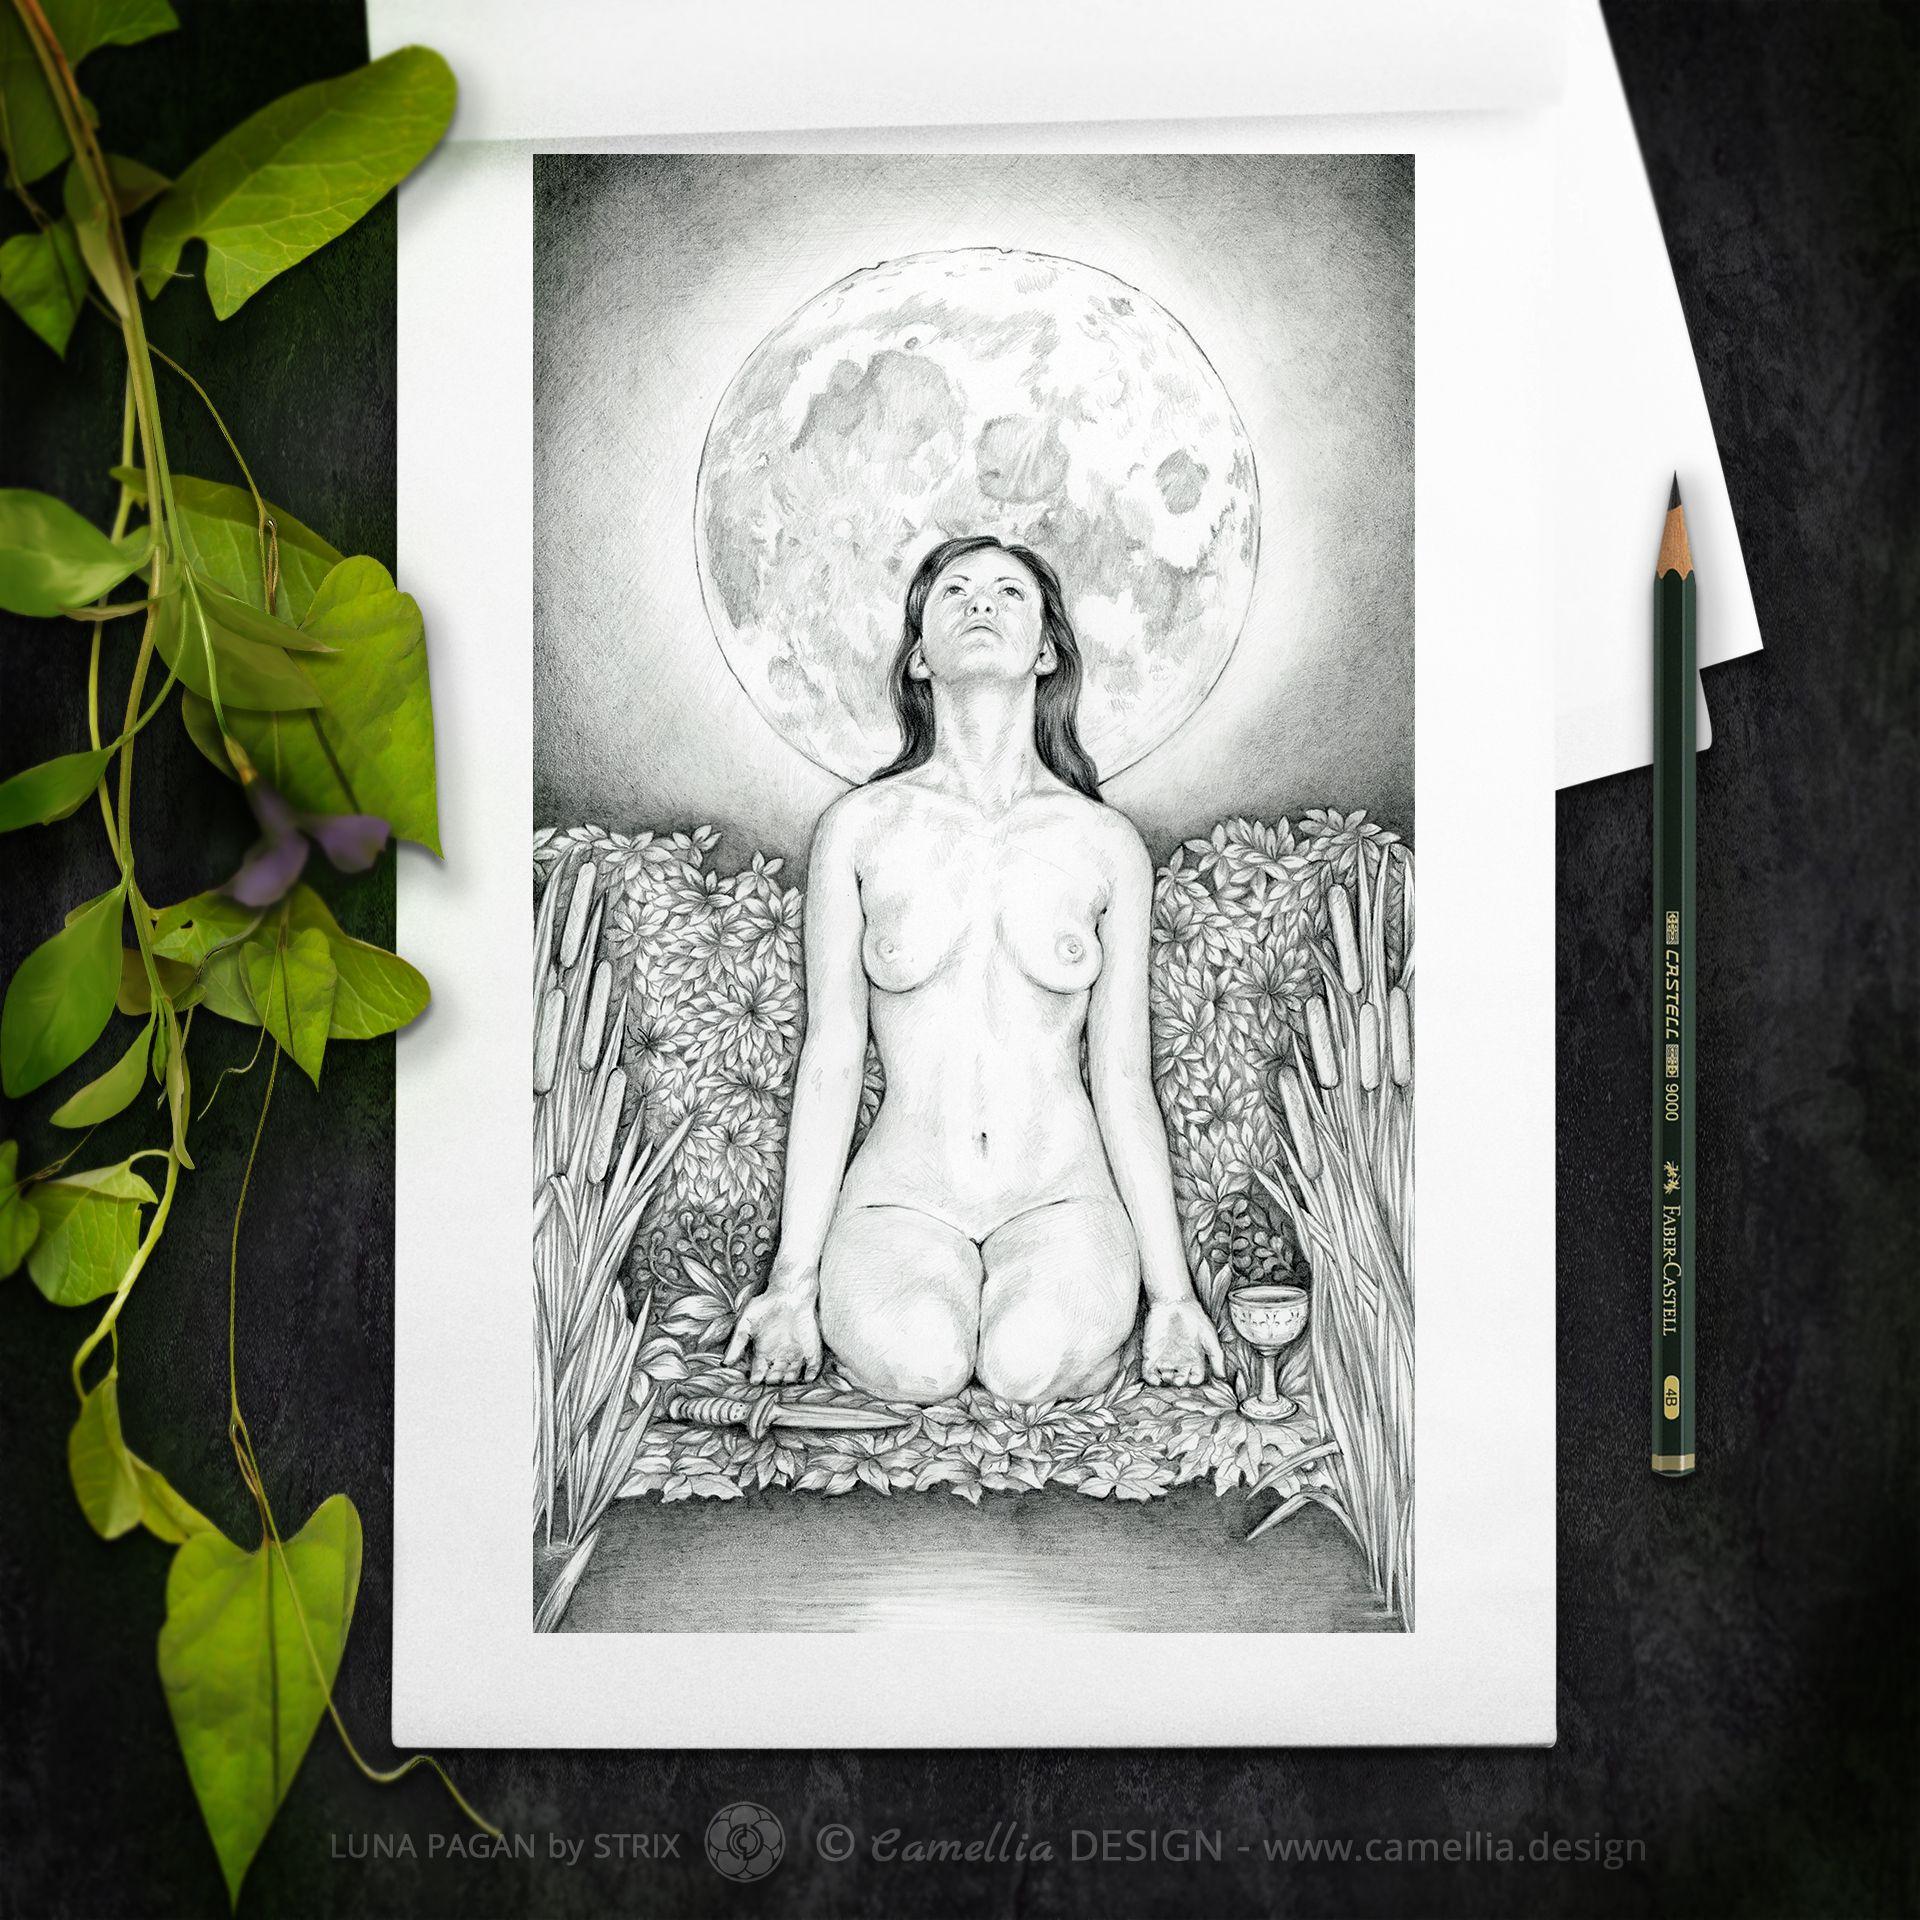 LUNA-PAGAN-pencil-sketch-by-STRIX